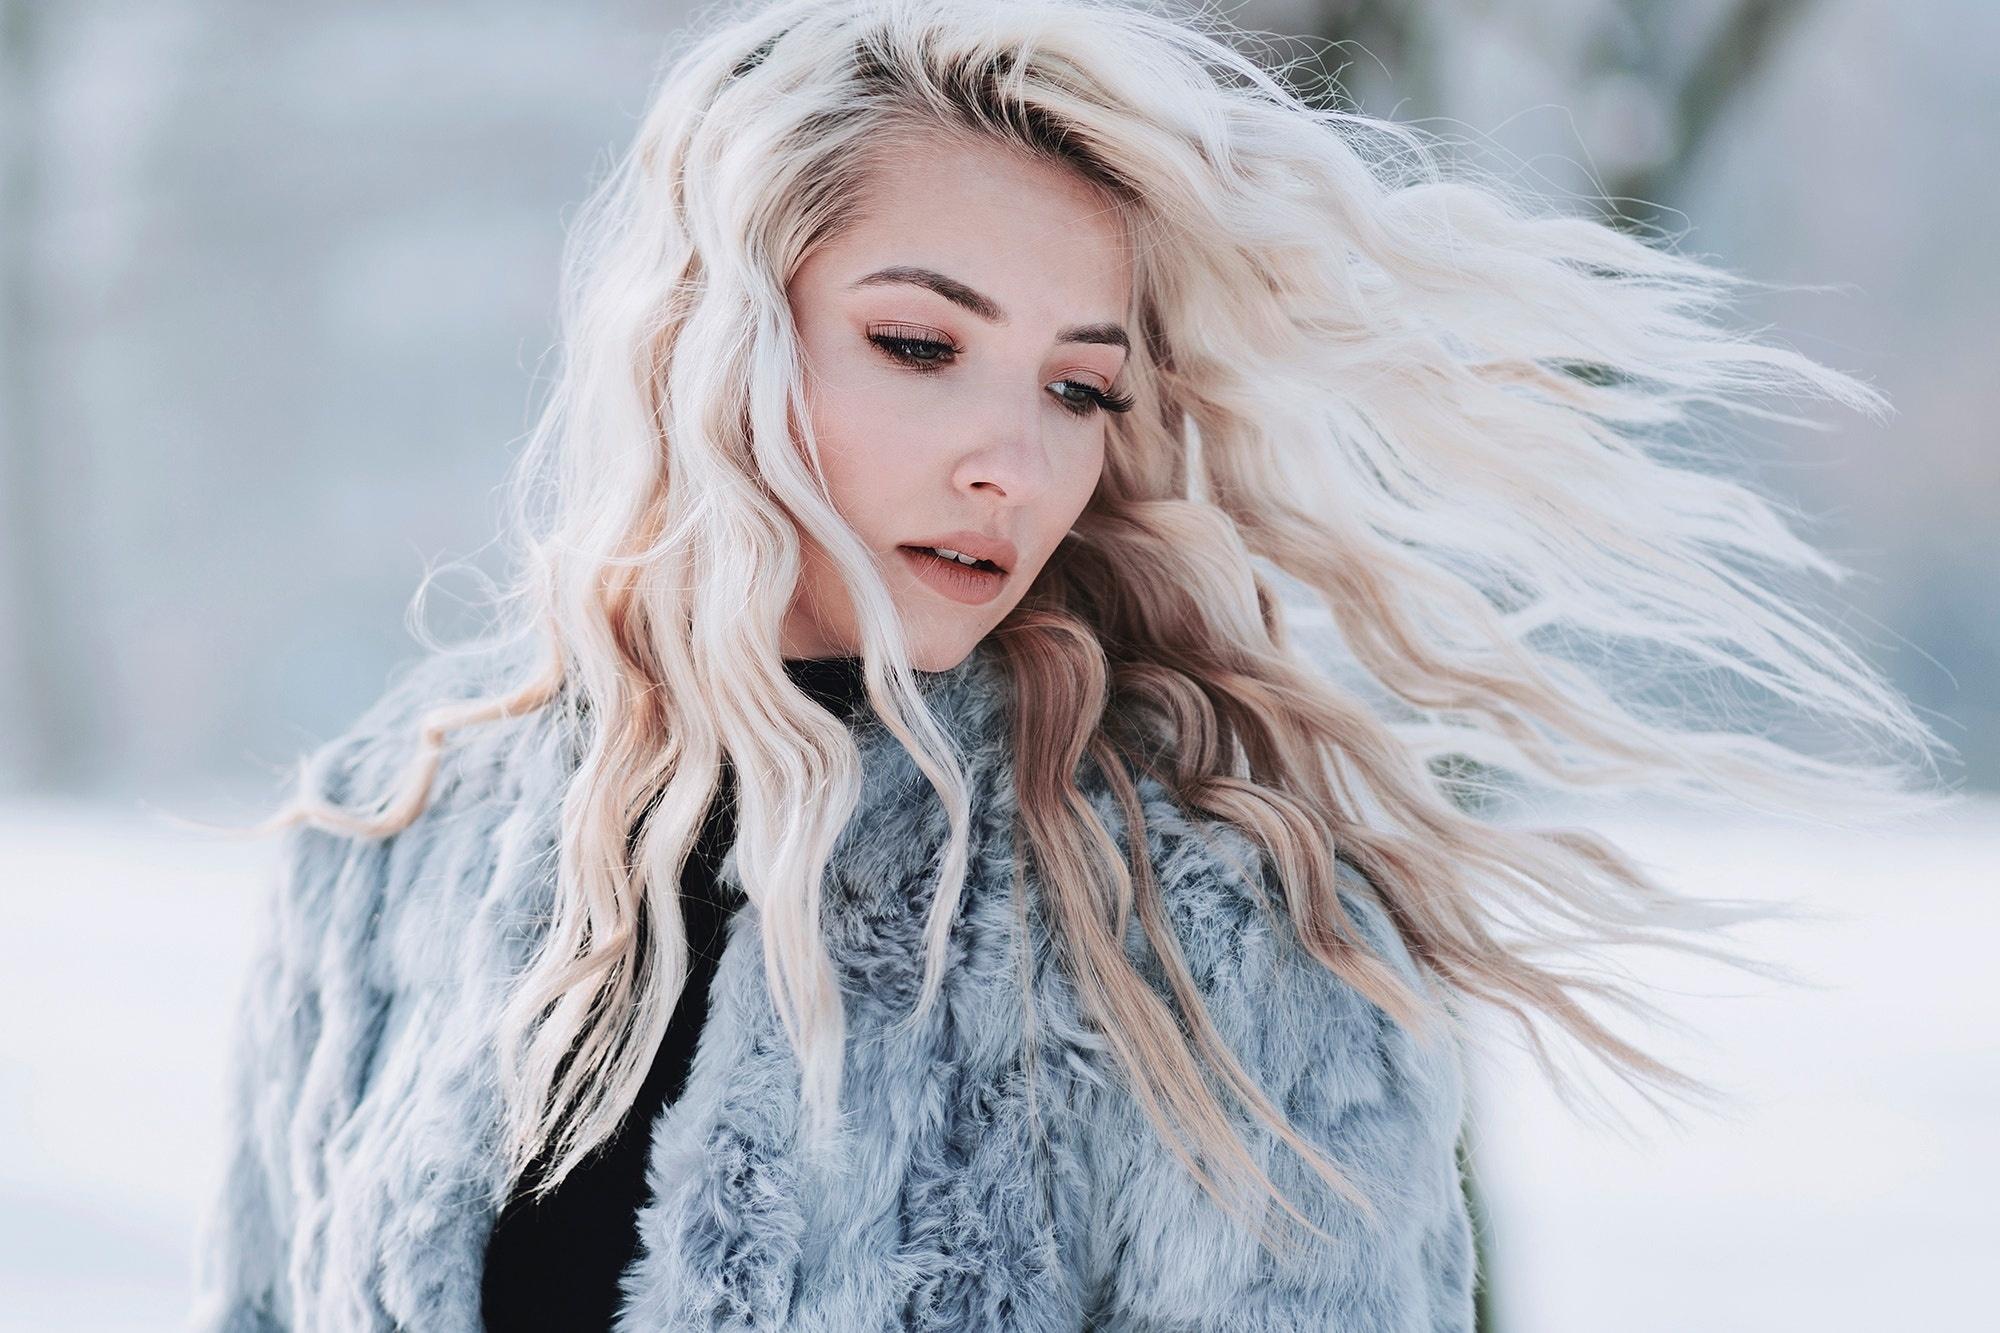 Девушка в пуховике волосы ветер